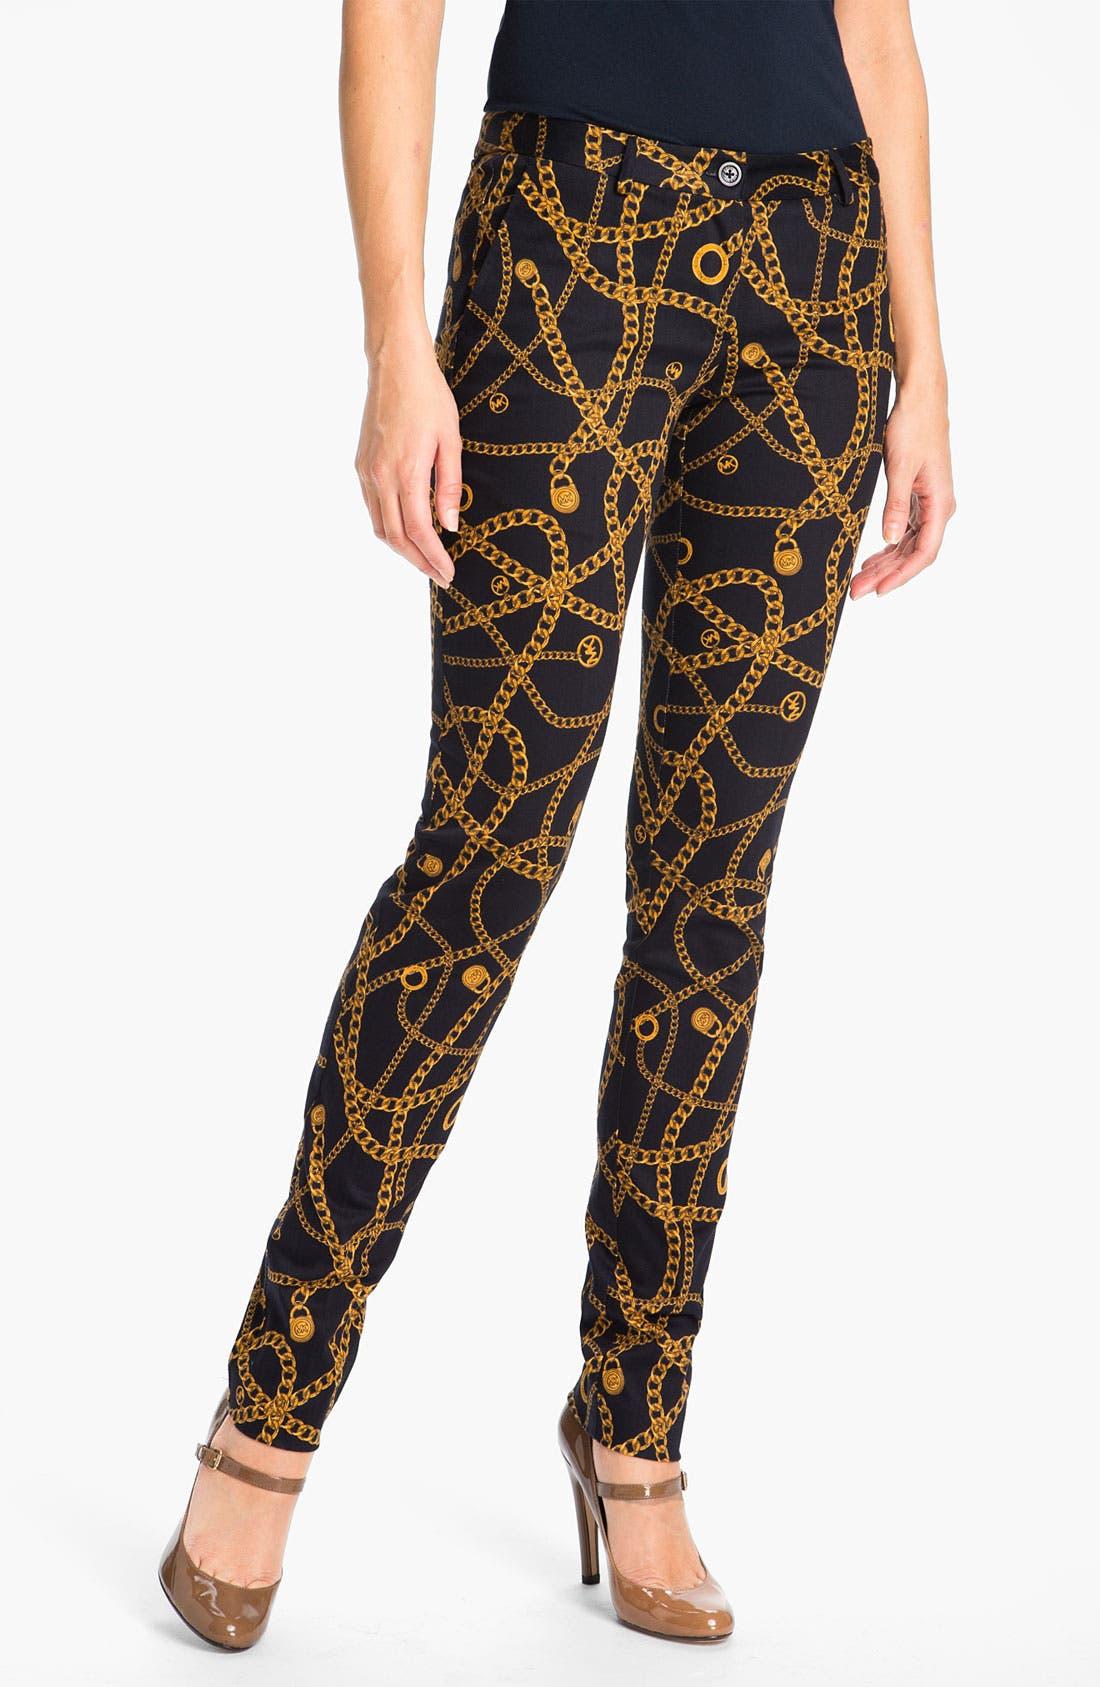 Alternate Image 1 Selected - MICHAEL Michael Kors Skinny Pants (Petite)